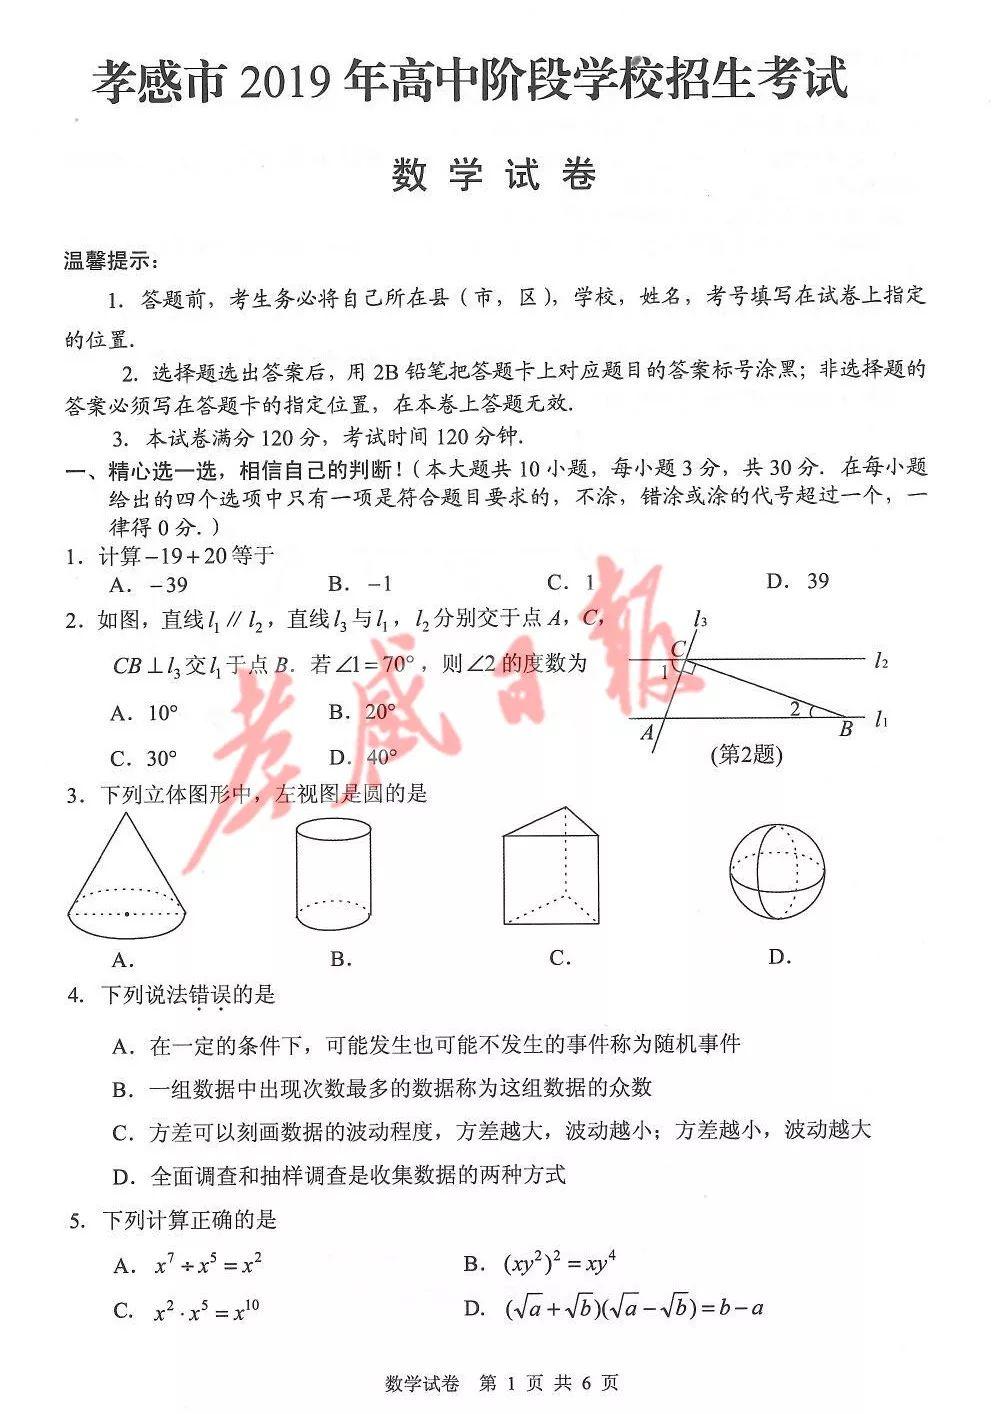 2019湖北孝感中考《数学》真题及答案已公布